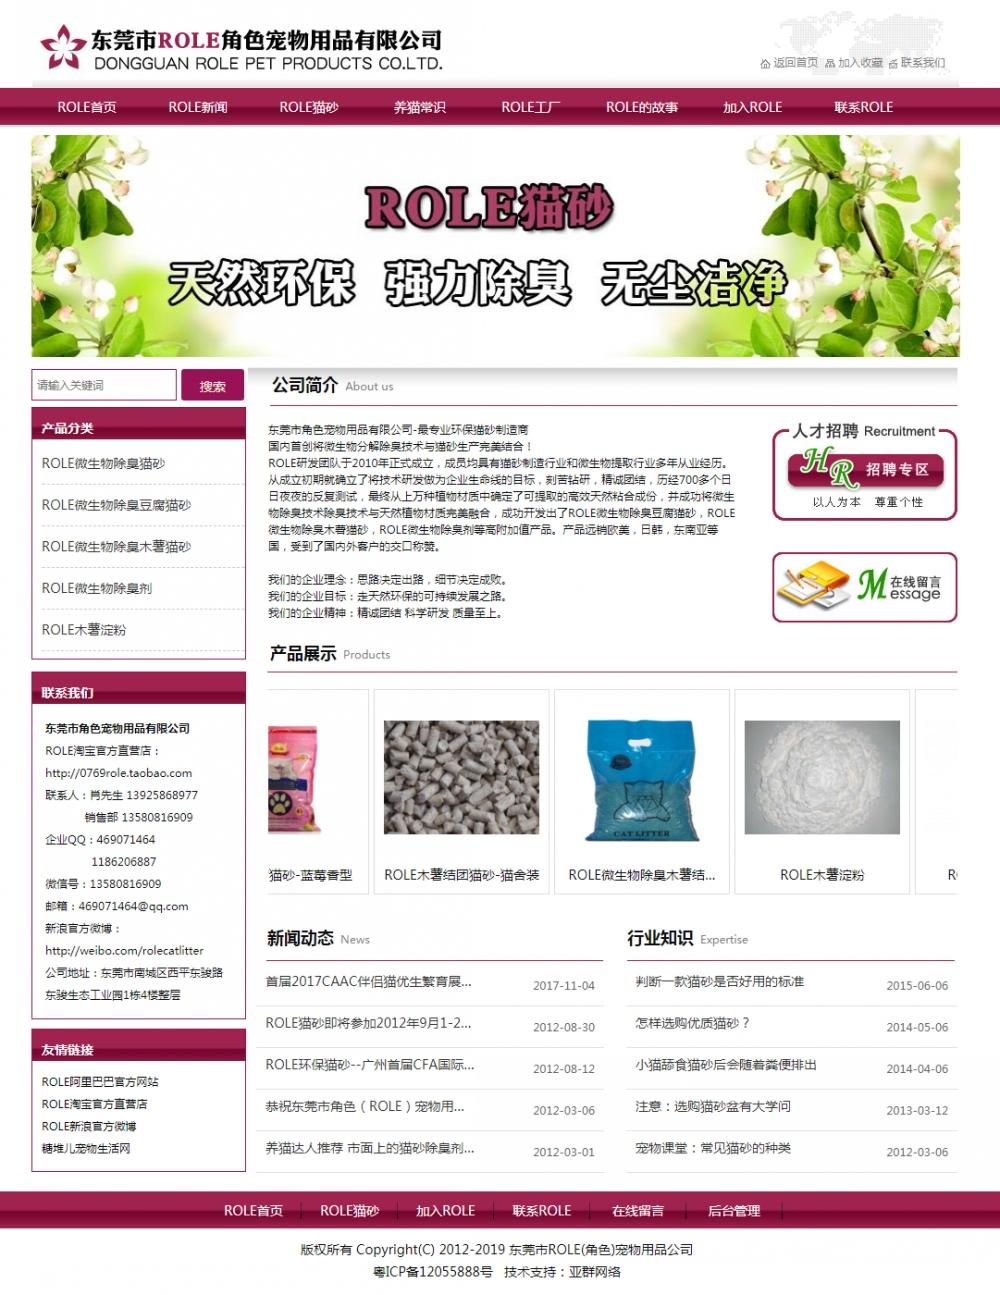 貓砂/寵物用品網站建設案例